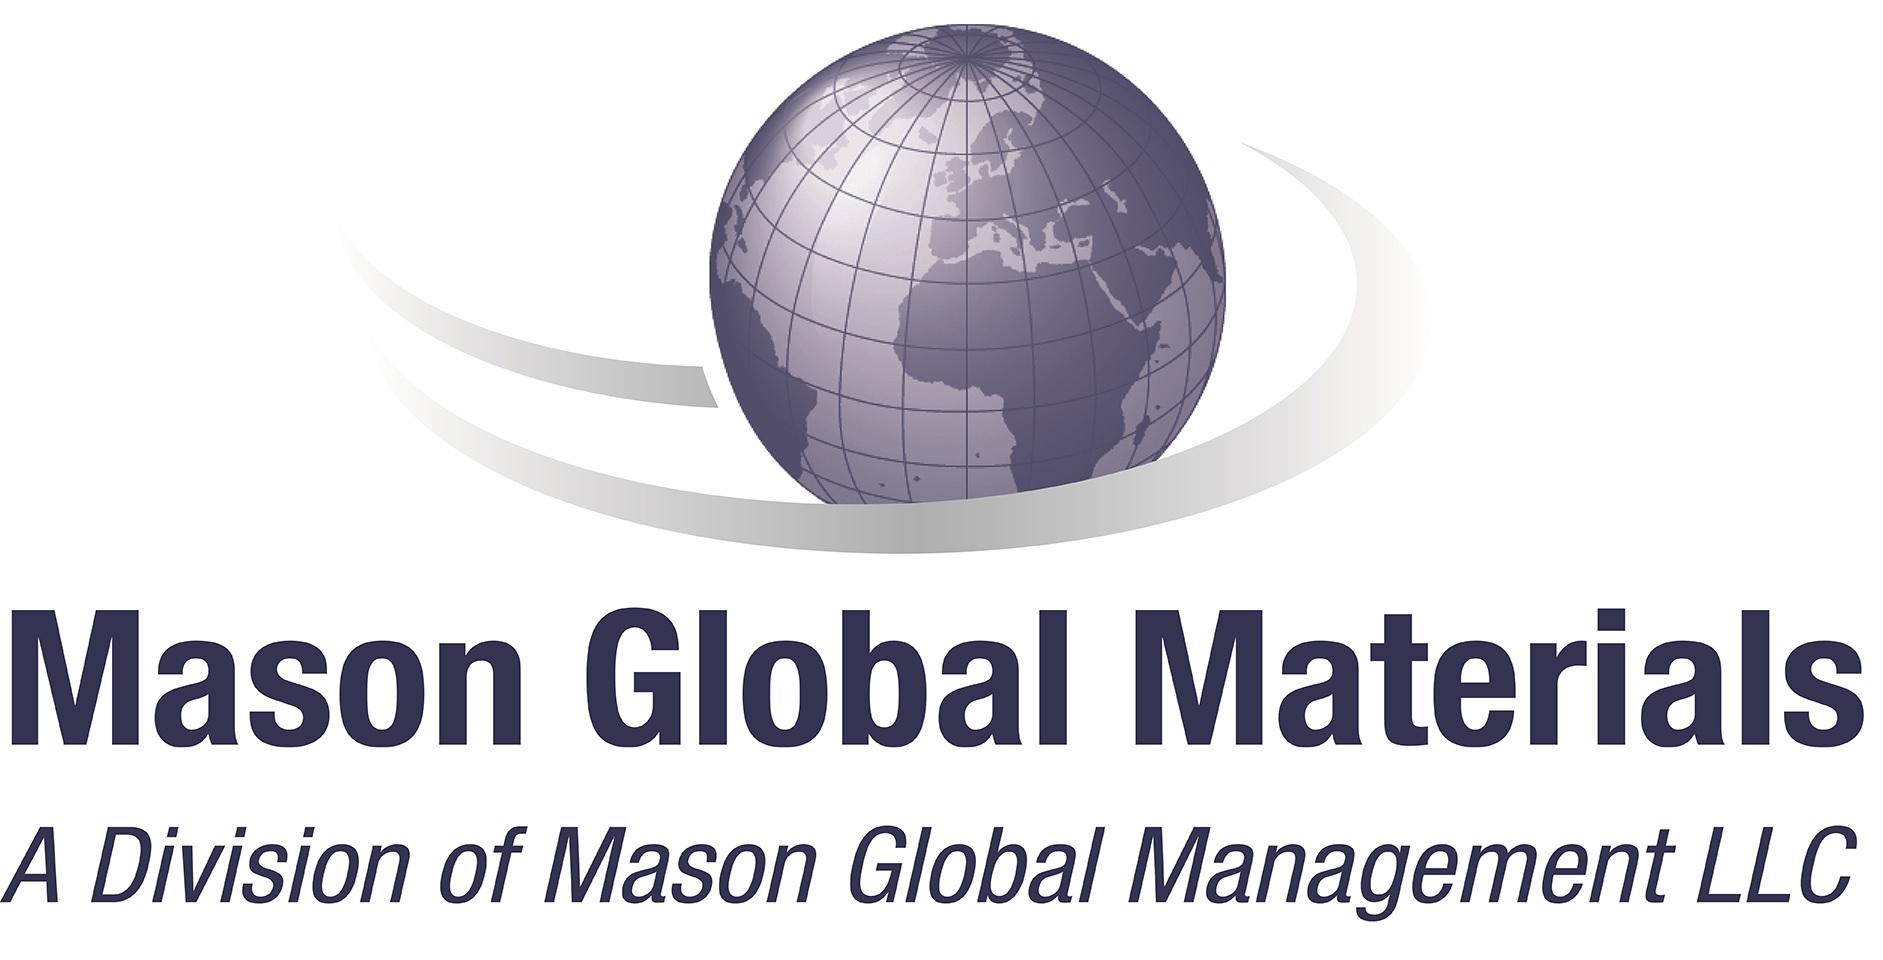 Mason Global Materials